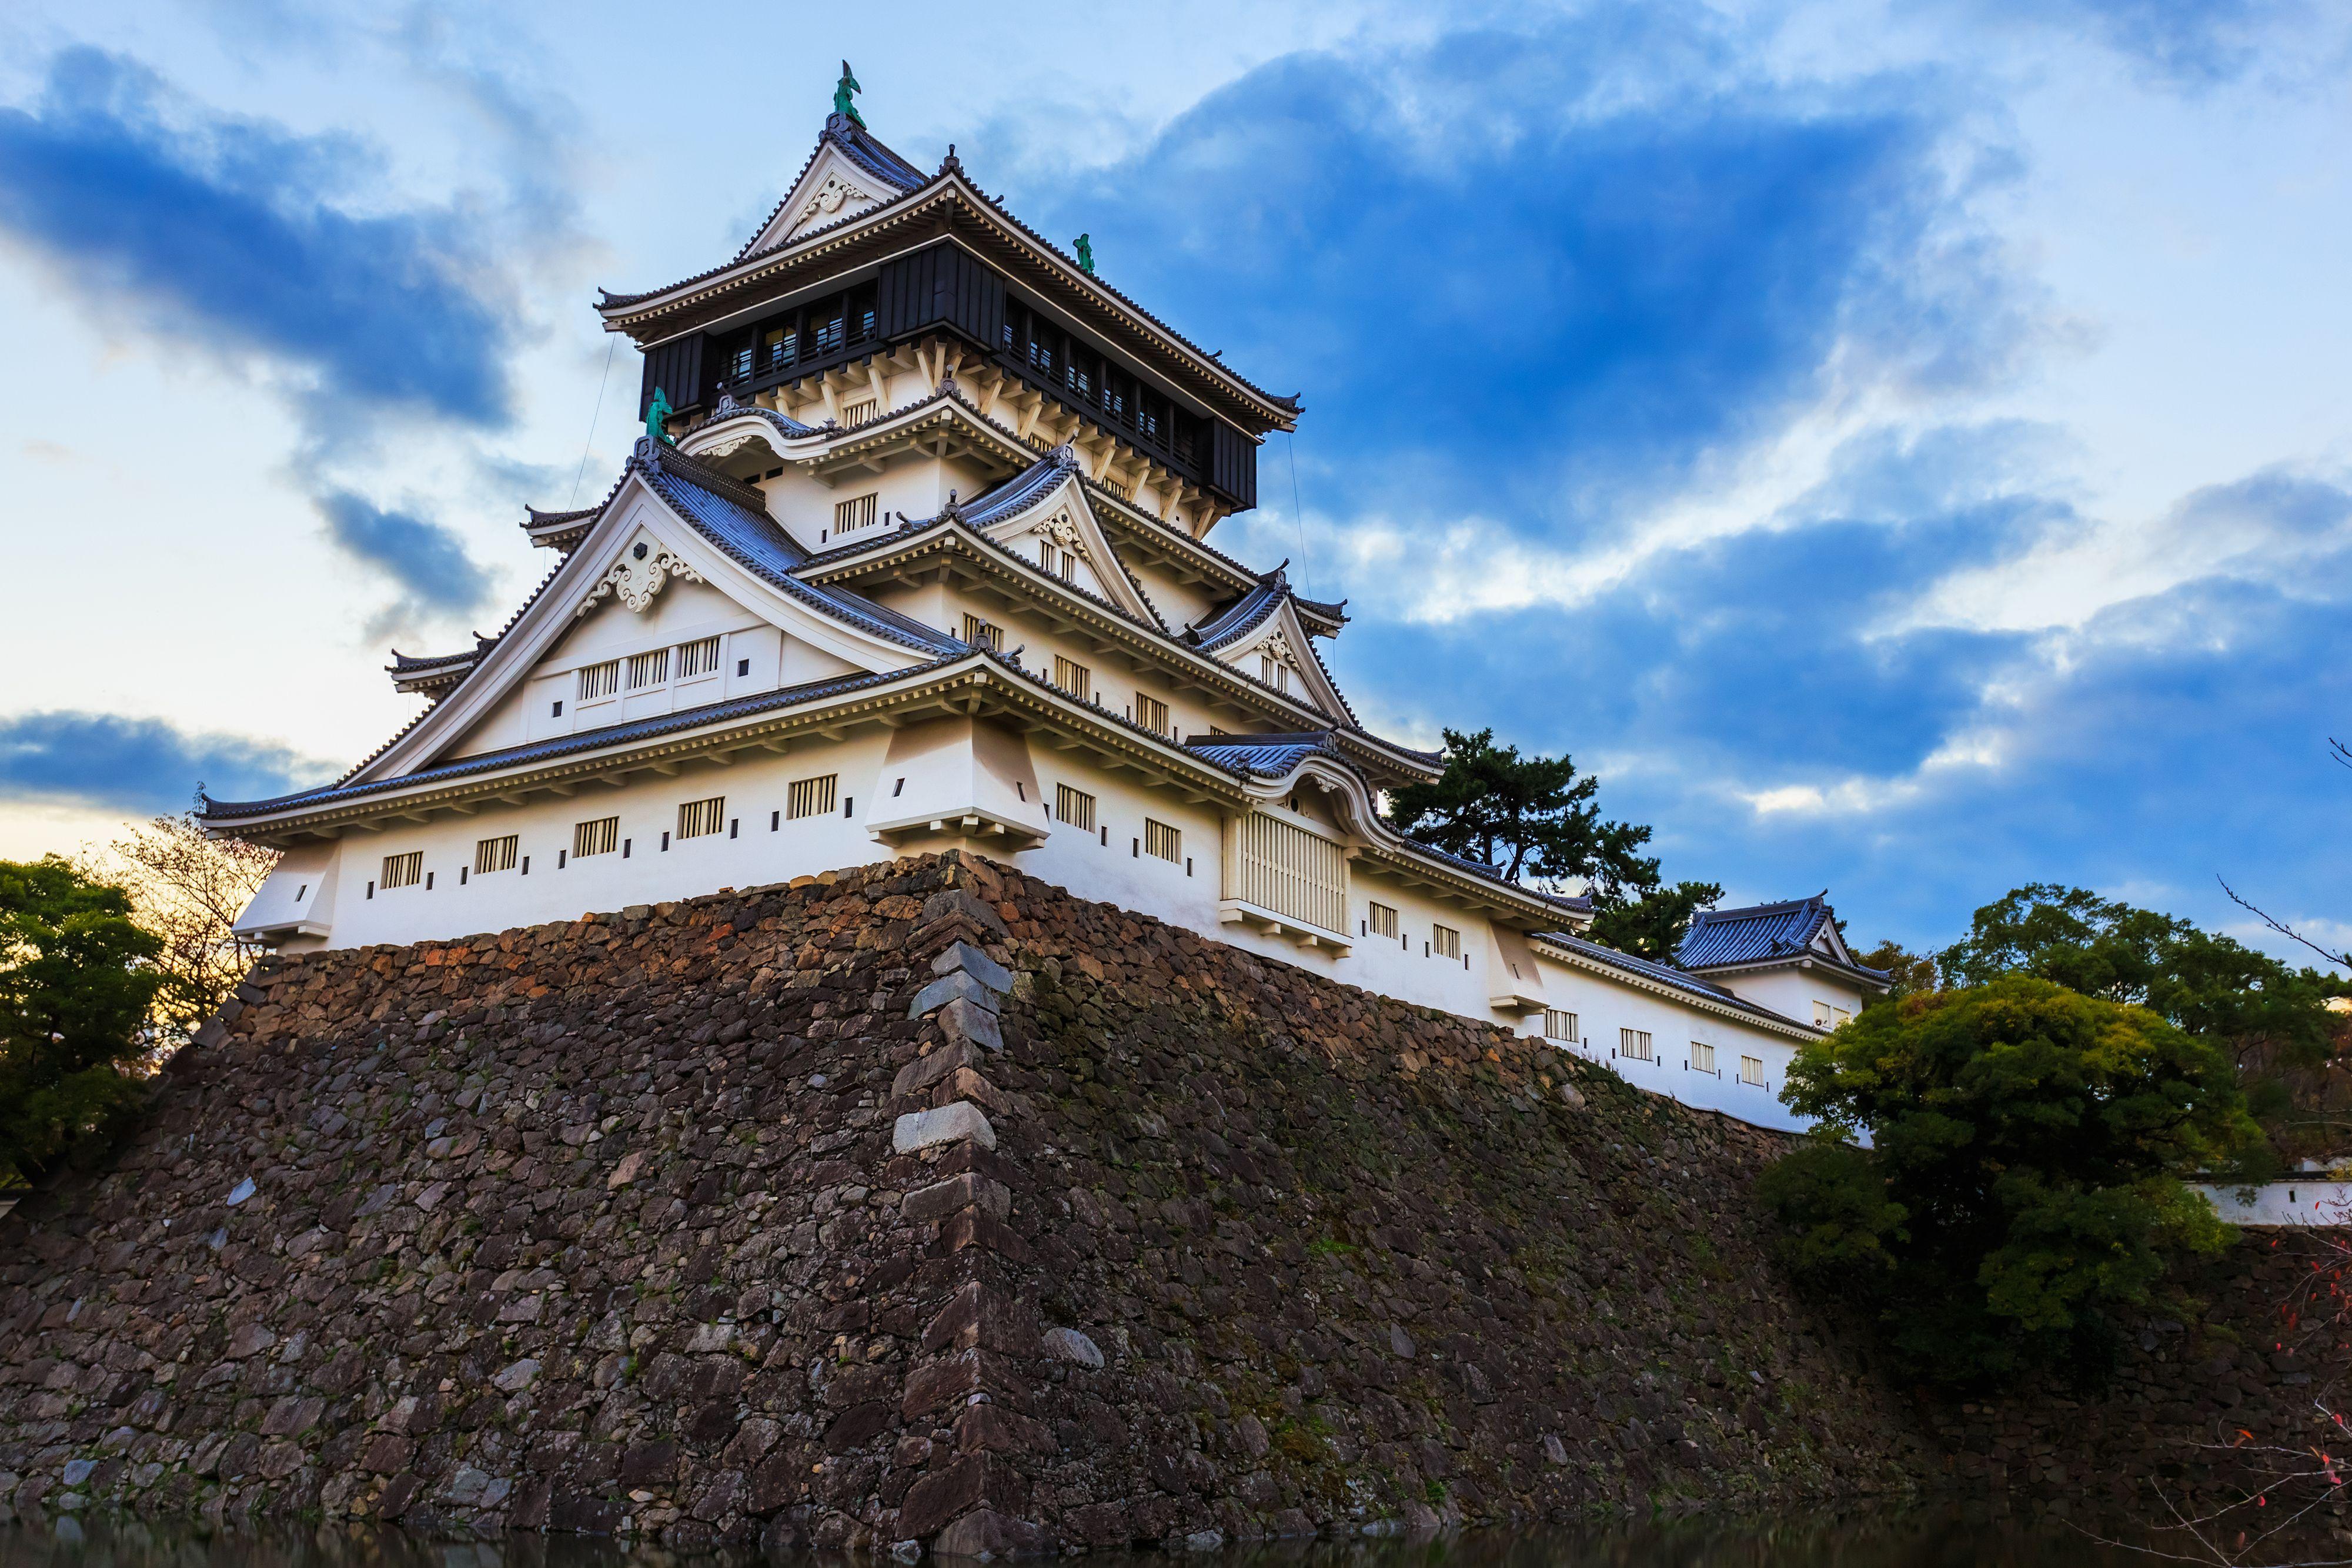 Hrad vybudoval v roce 1602 Hosokawa Tadaokim.